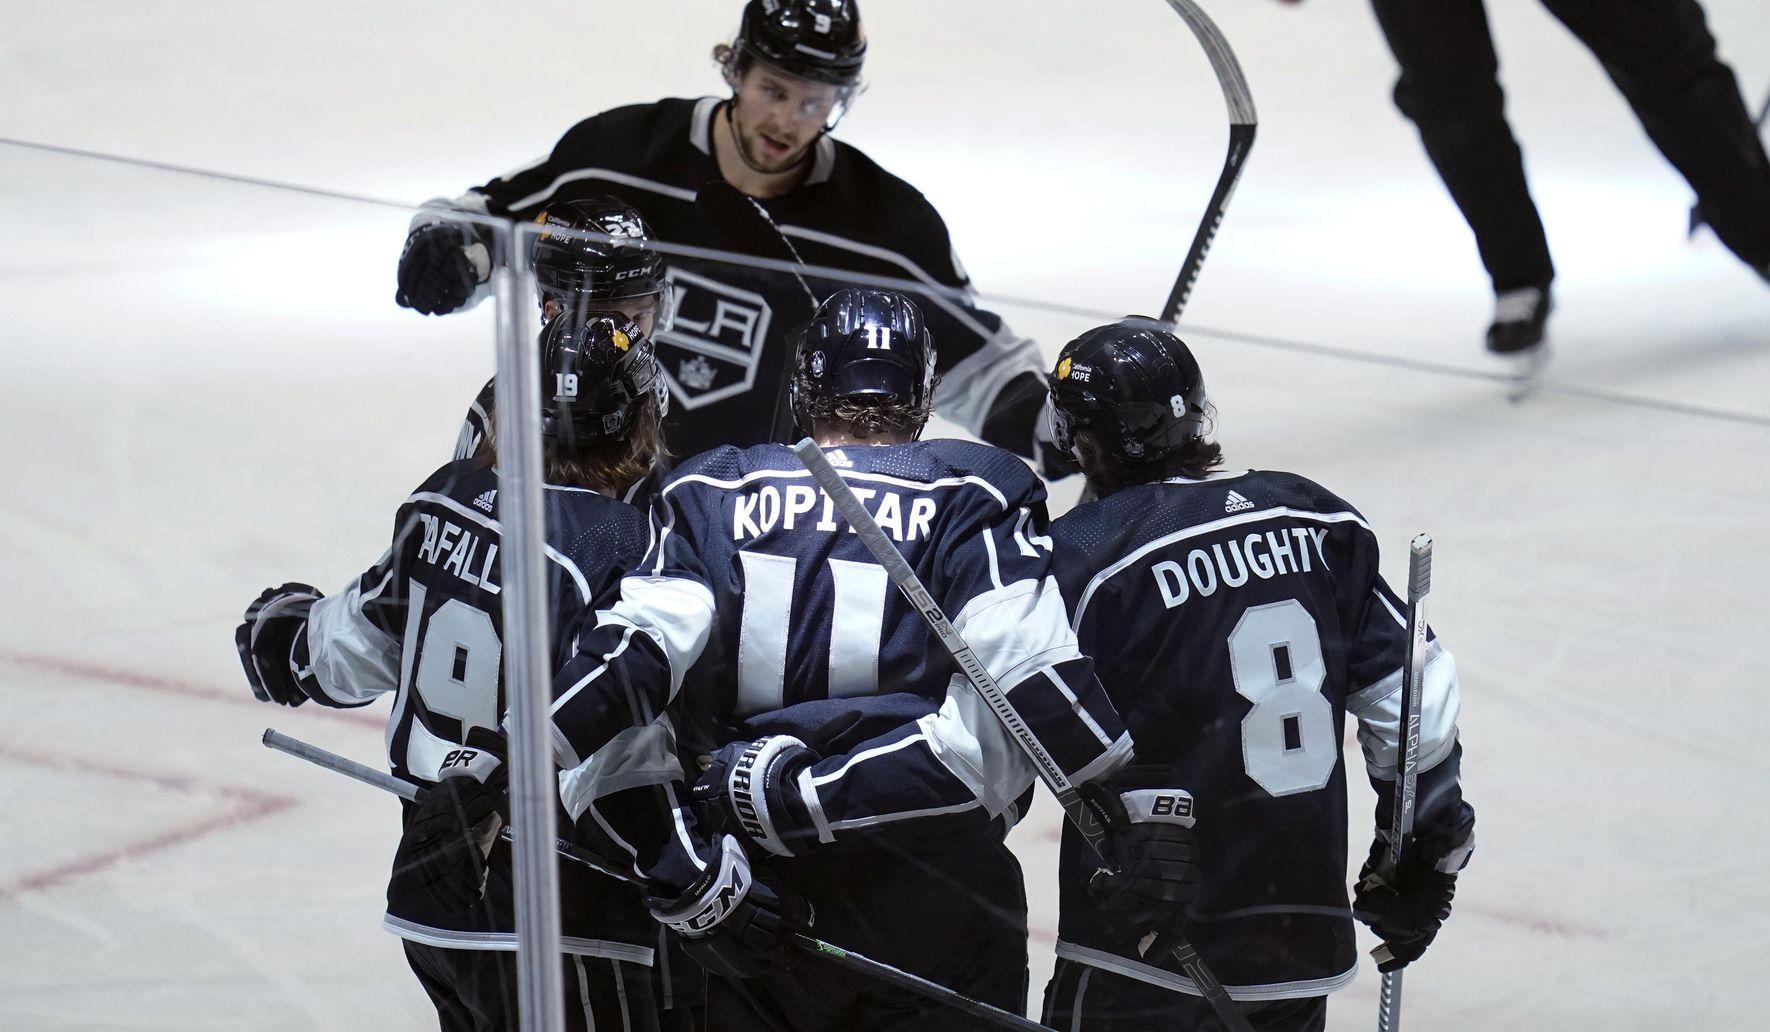 Sharks_kings_hockey_76710_c0-194-4636-2897_s1770x1032